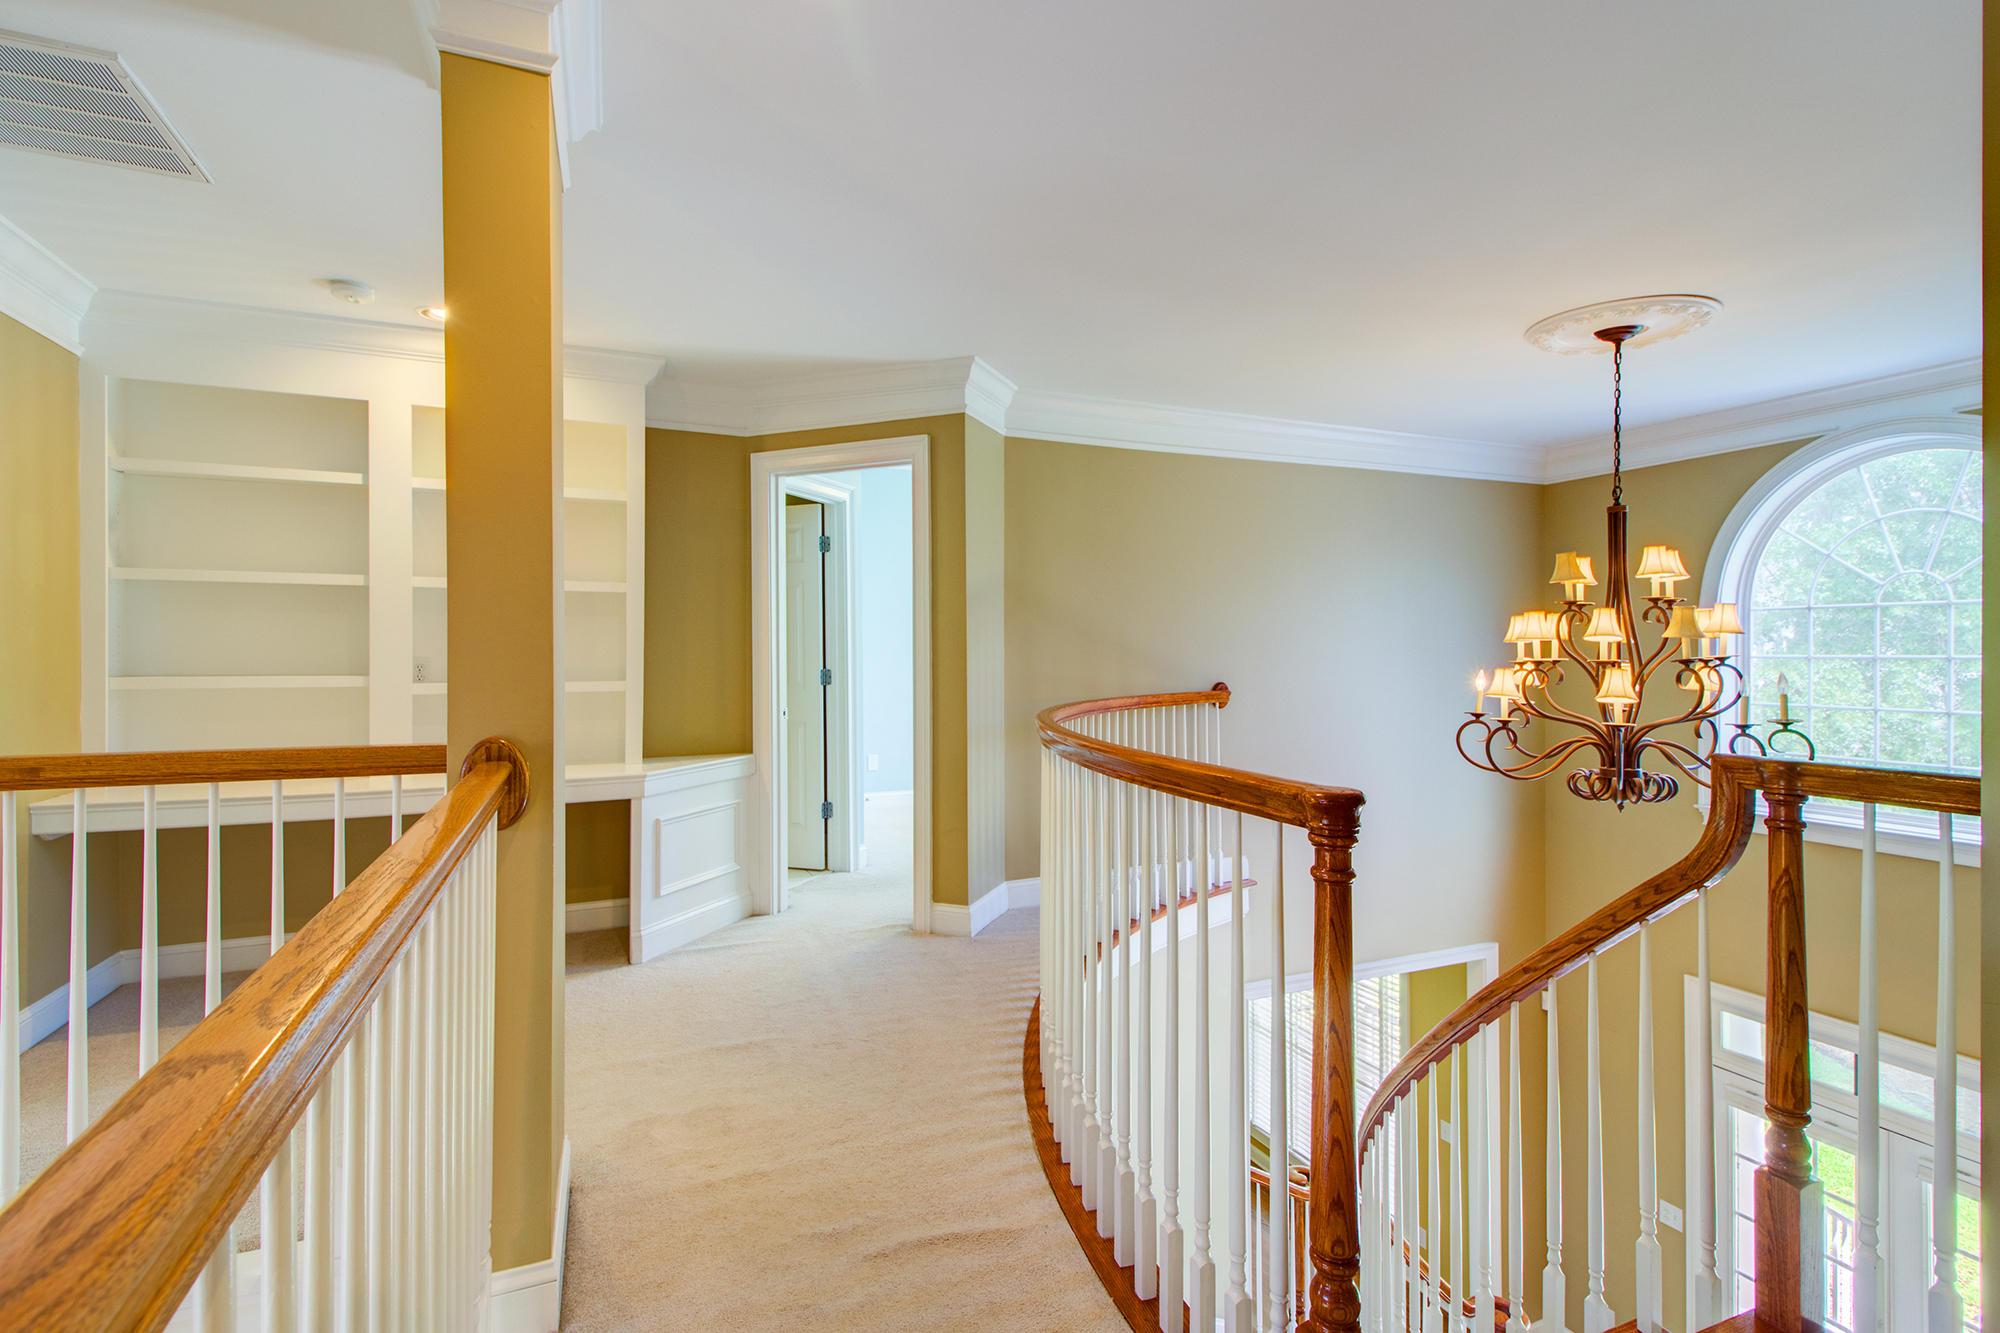 Dunes West Homes For Sale - 2817 Oak Manor, Mount Pleasant, SC - 18